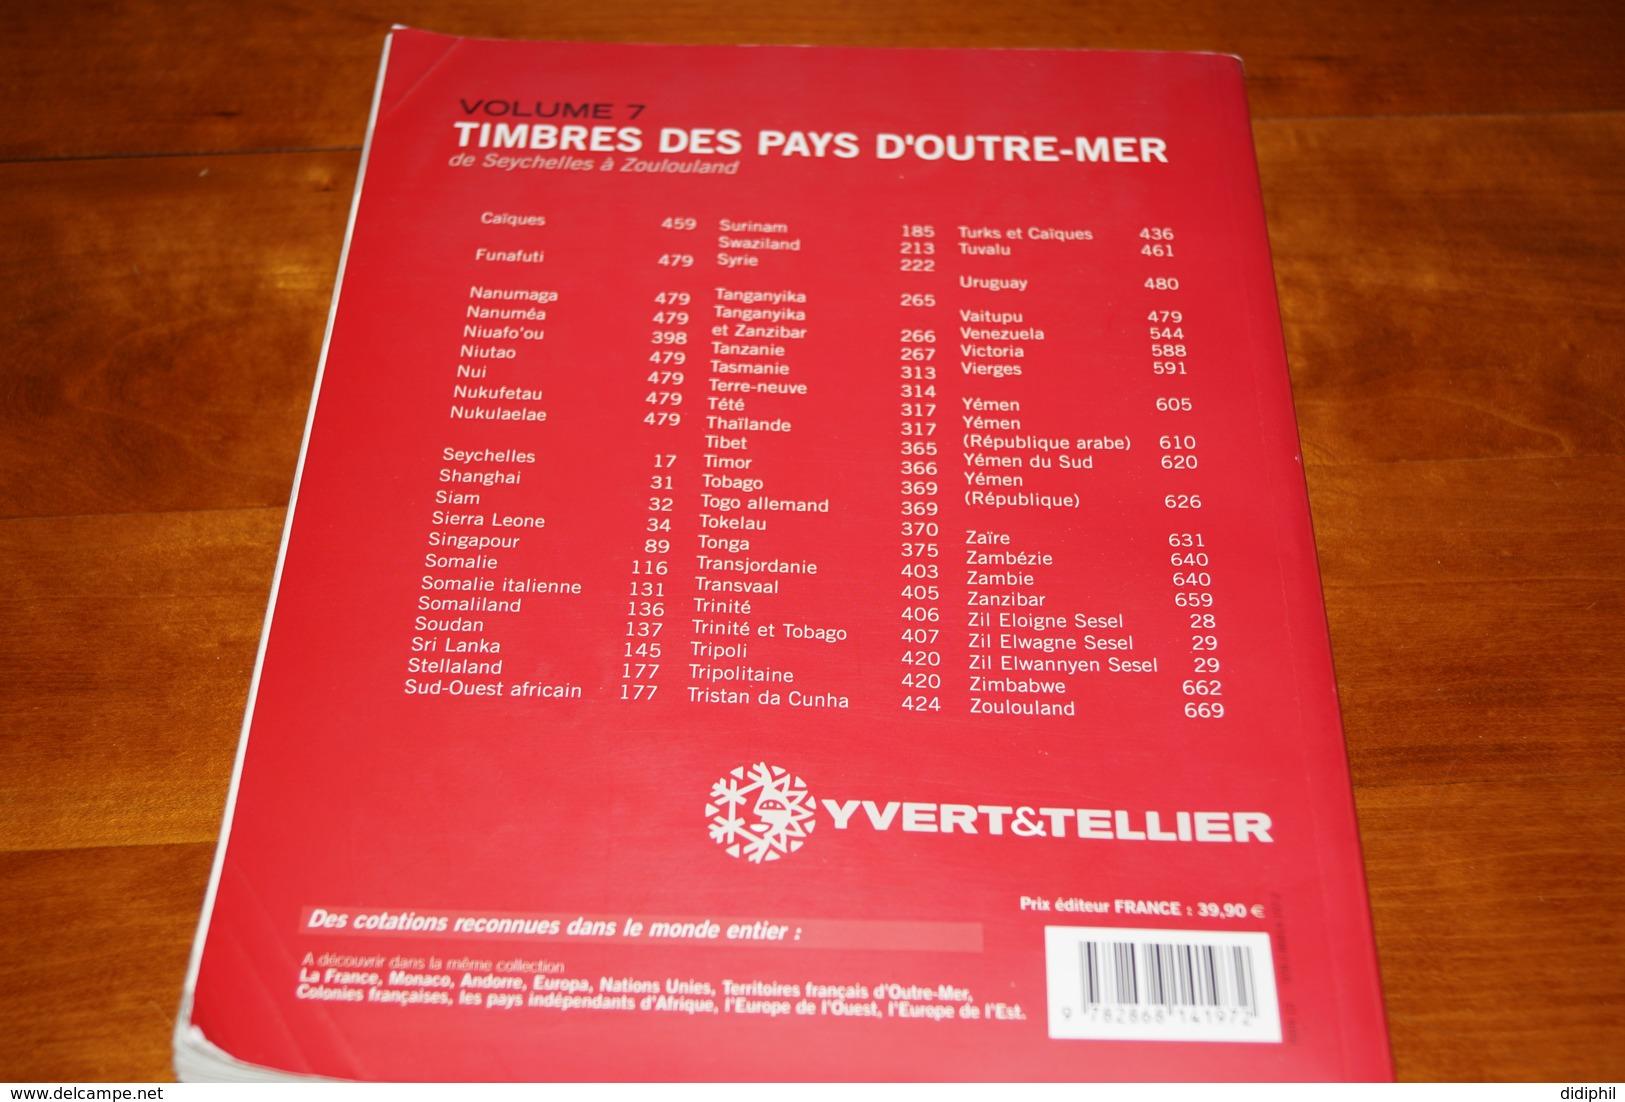 CATALOGUE YVERT OUTRE MER VOL 7  2010 PEU SERVI - Frankreich